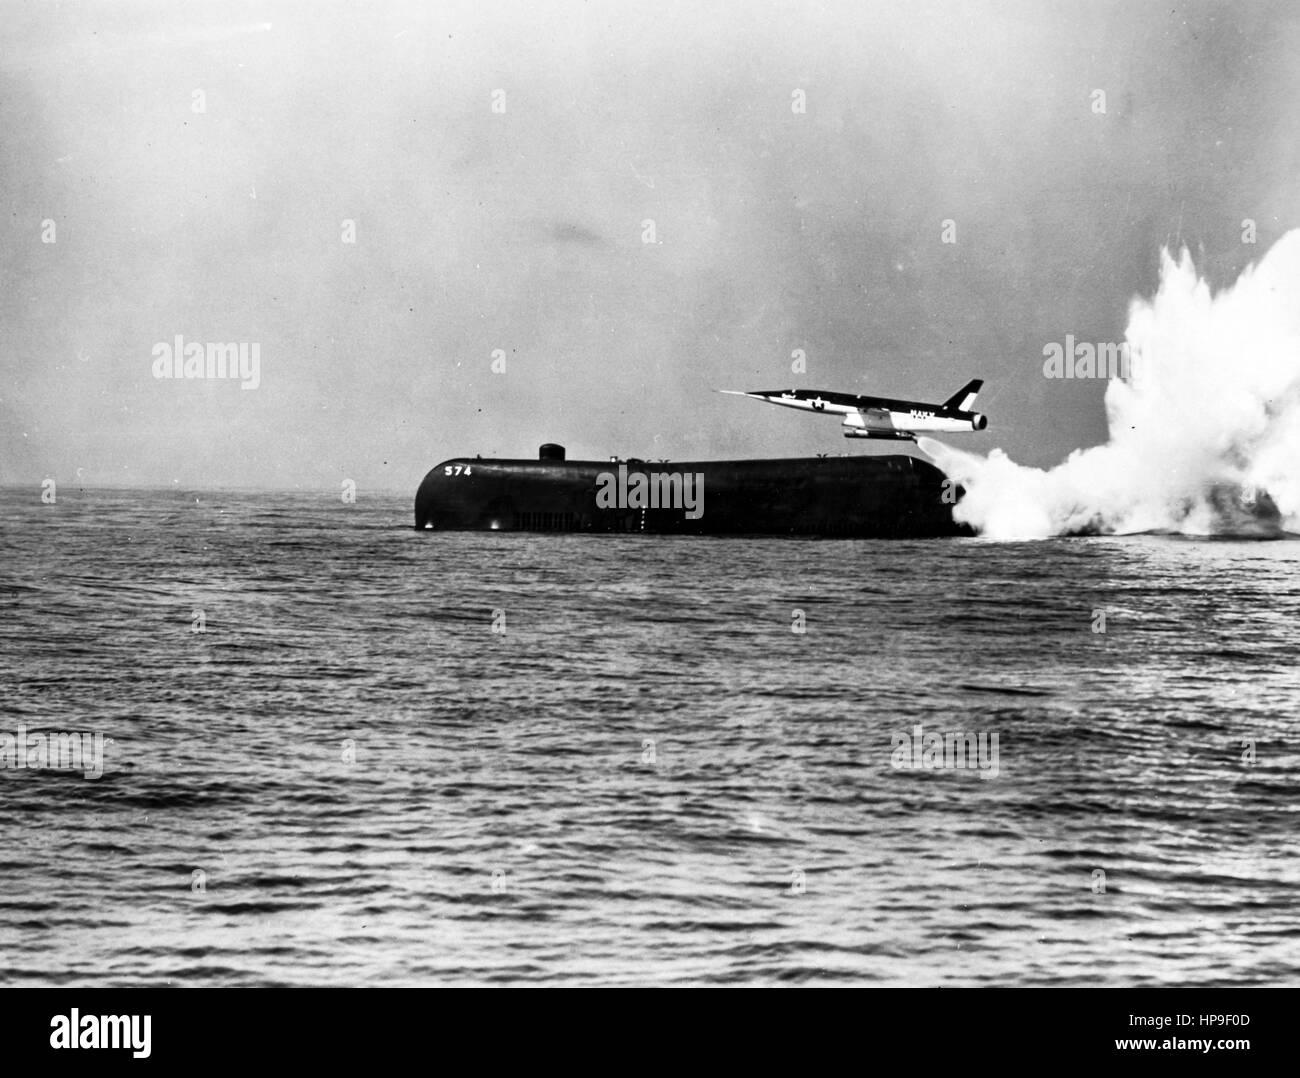 Regulus II,los misiles de crucero lanzados desde el submarino Grayback,océano pacífico,50s Imagen De Stock